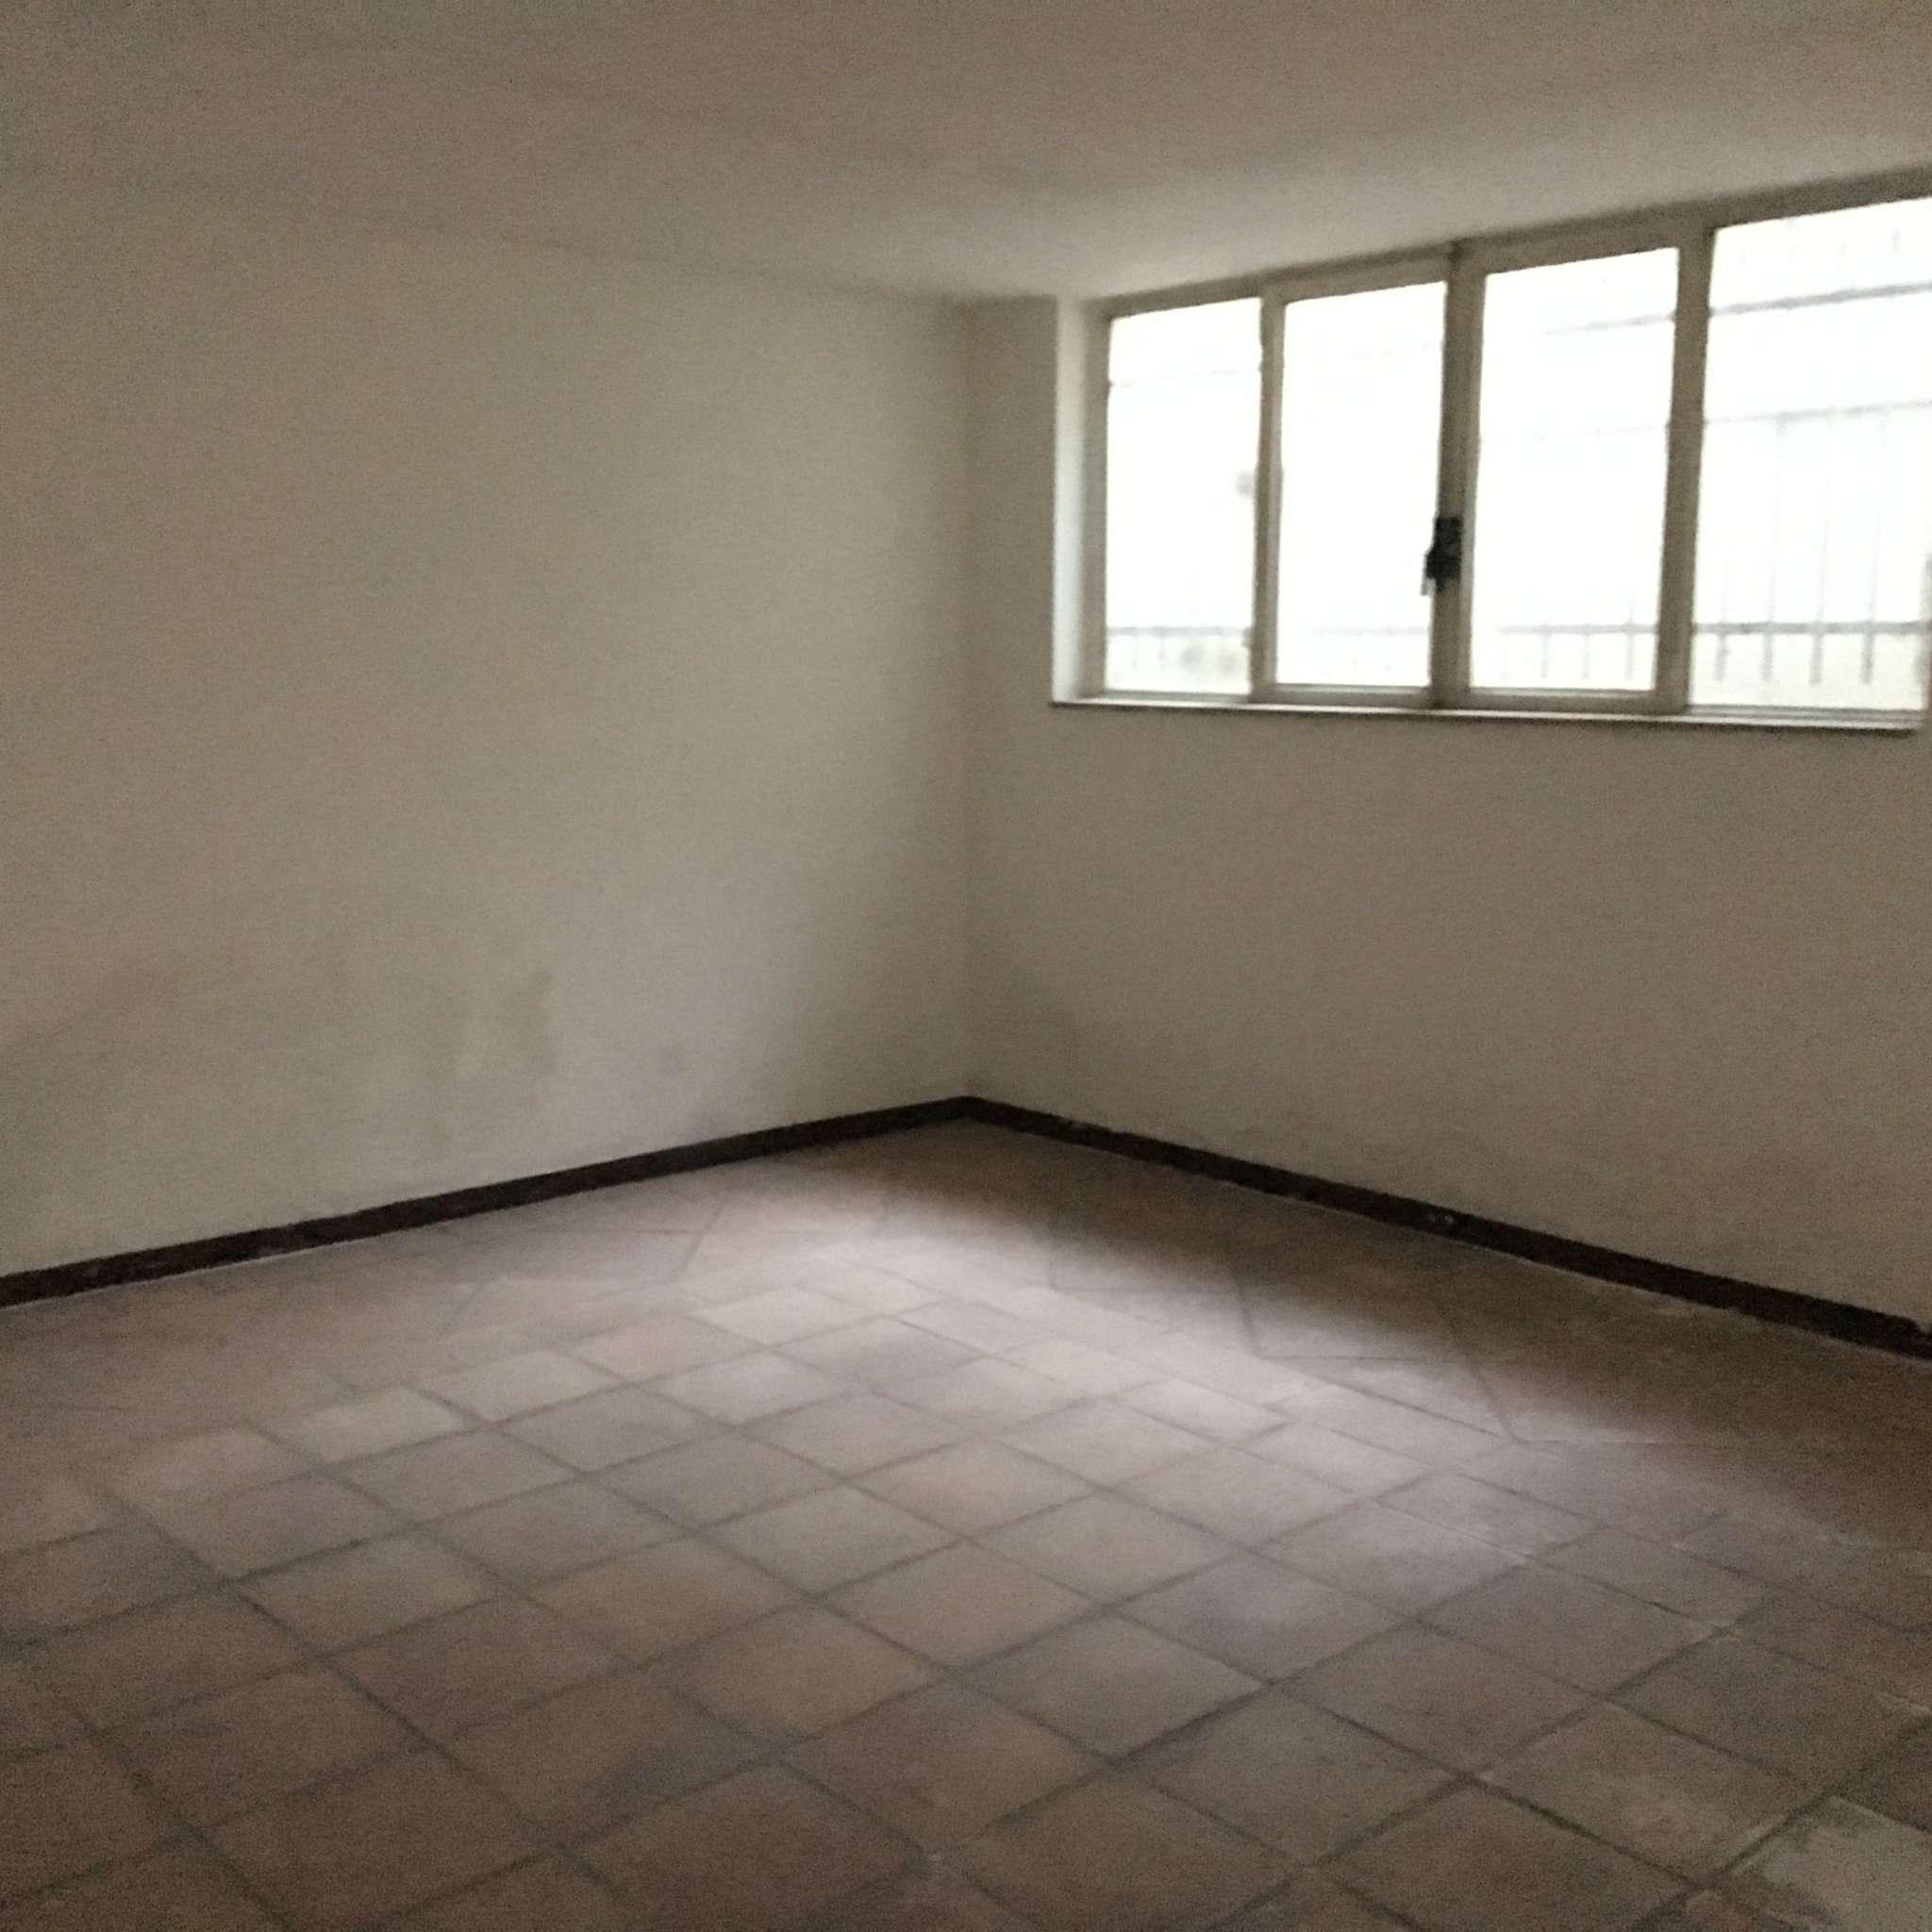 Negozio / Locale in affitto a Solbiate Olona, 2 locali, prezzo € 600 | CambioCasa.it